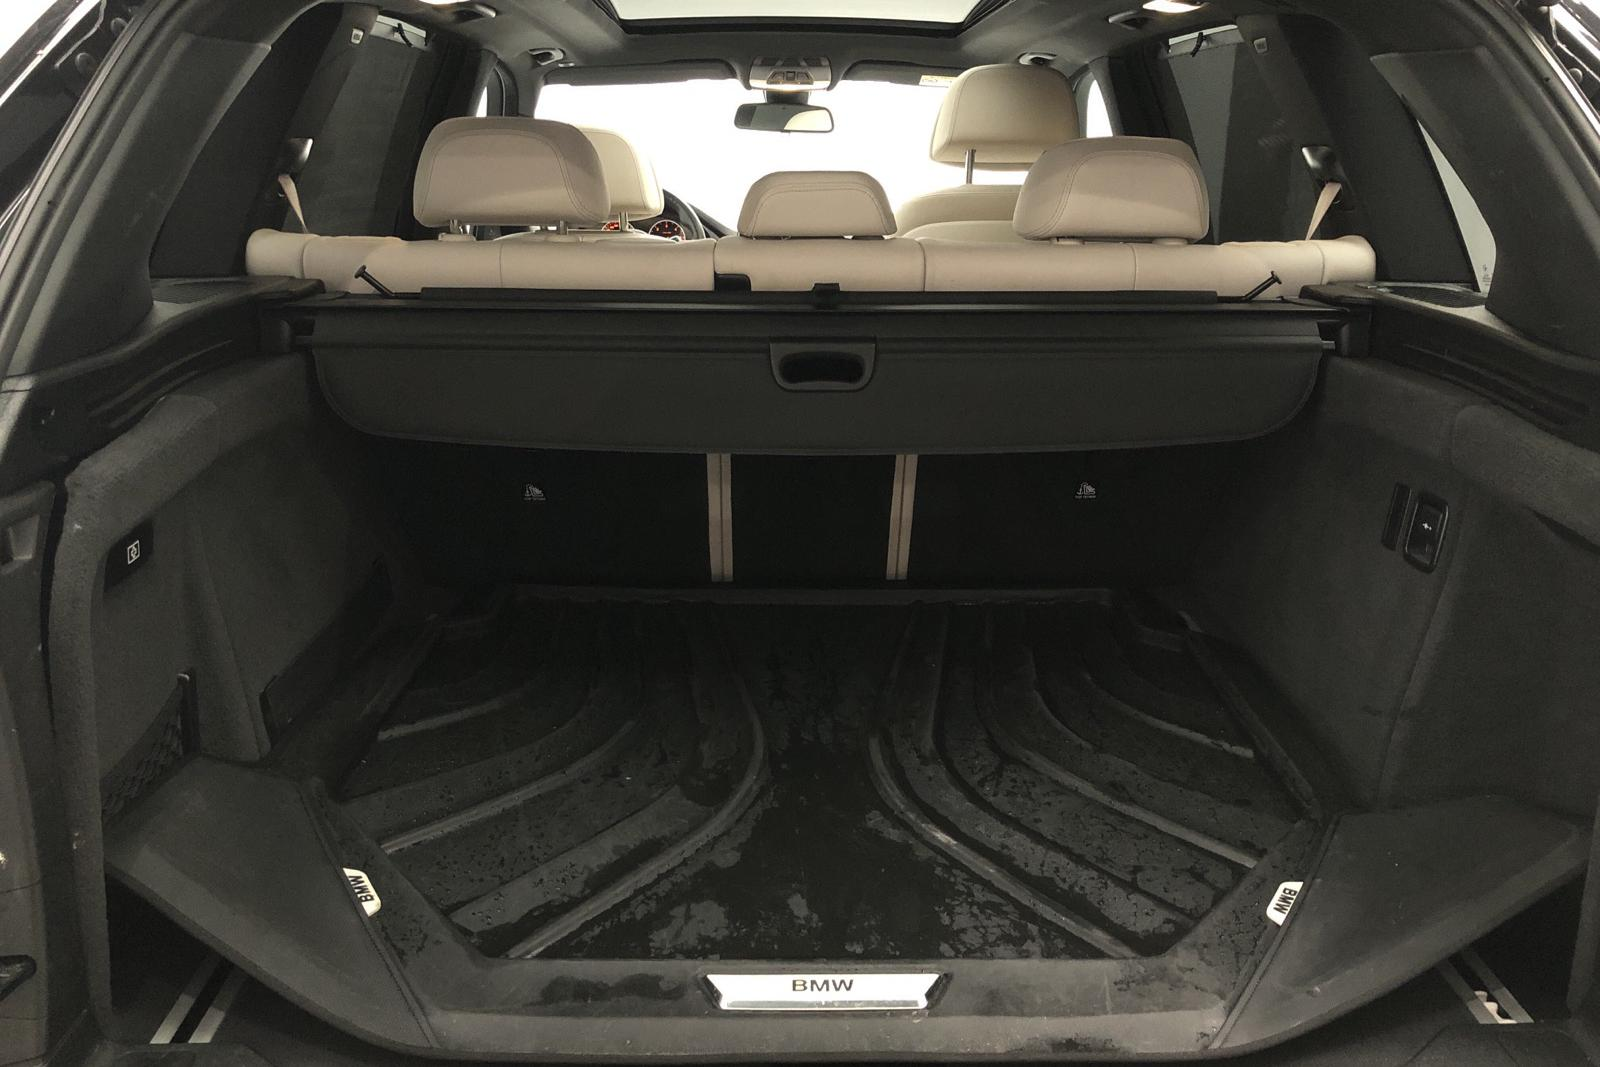 BMW X5 xDrive40d, F15 (313hk) - 57 800 km - Automatic - black - 2018